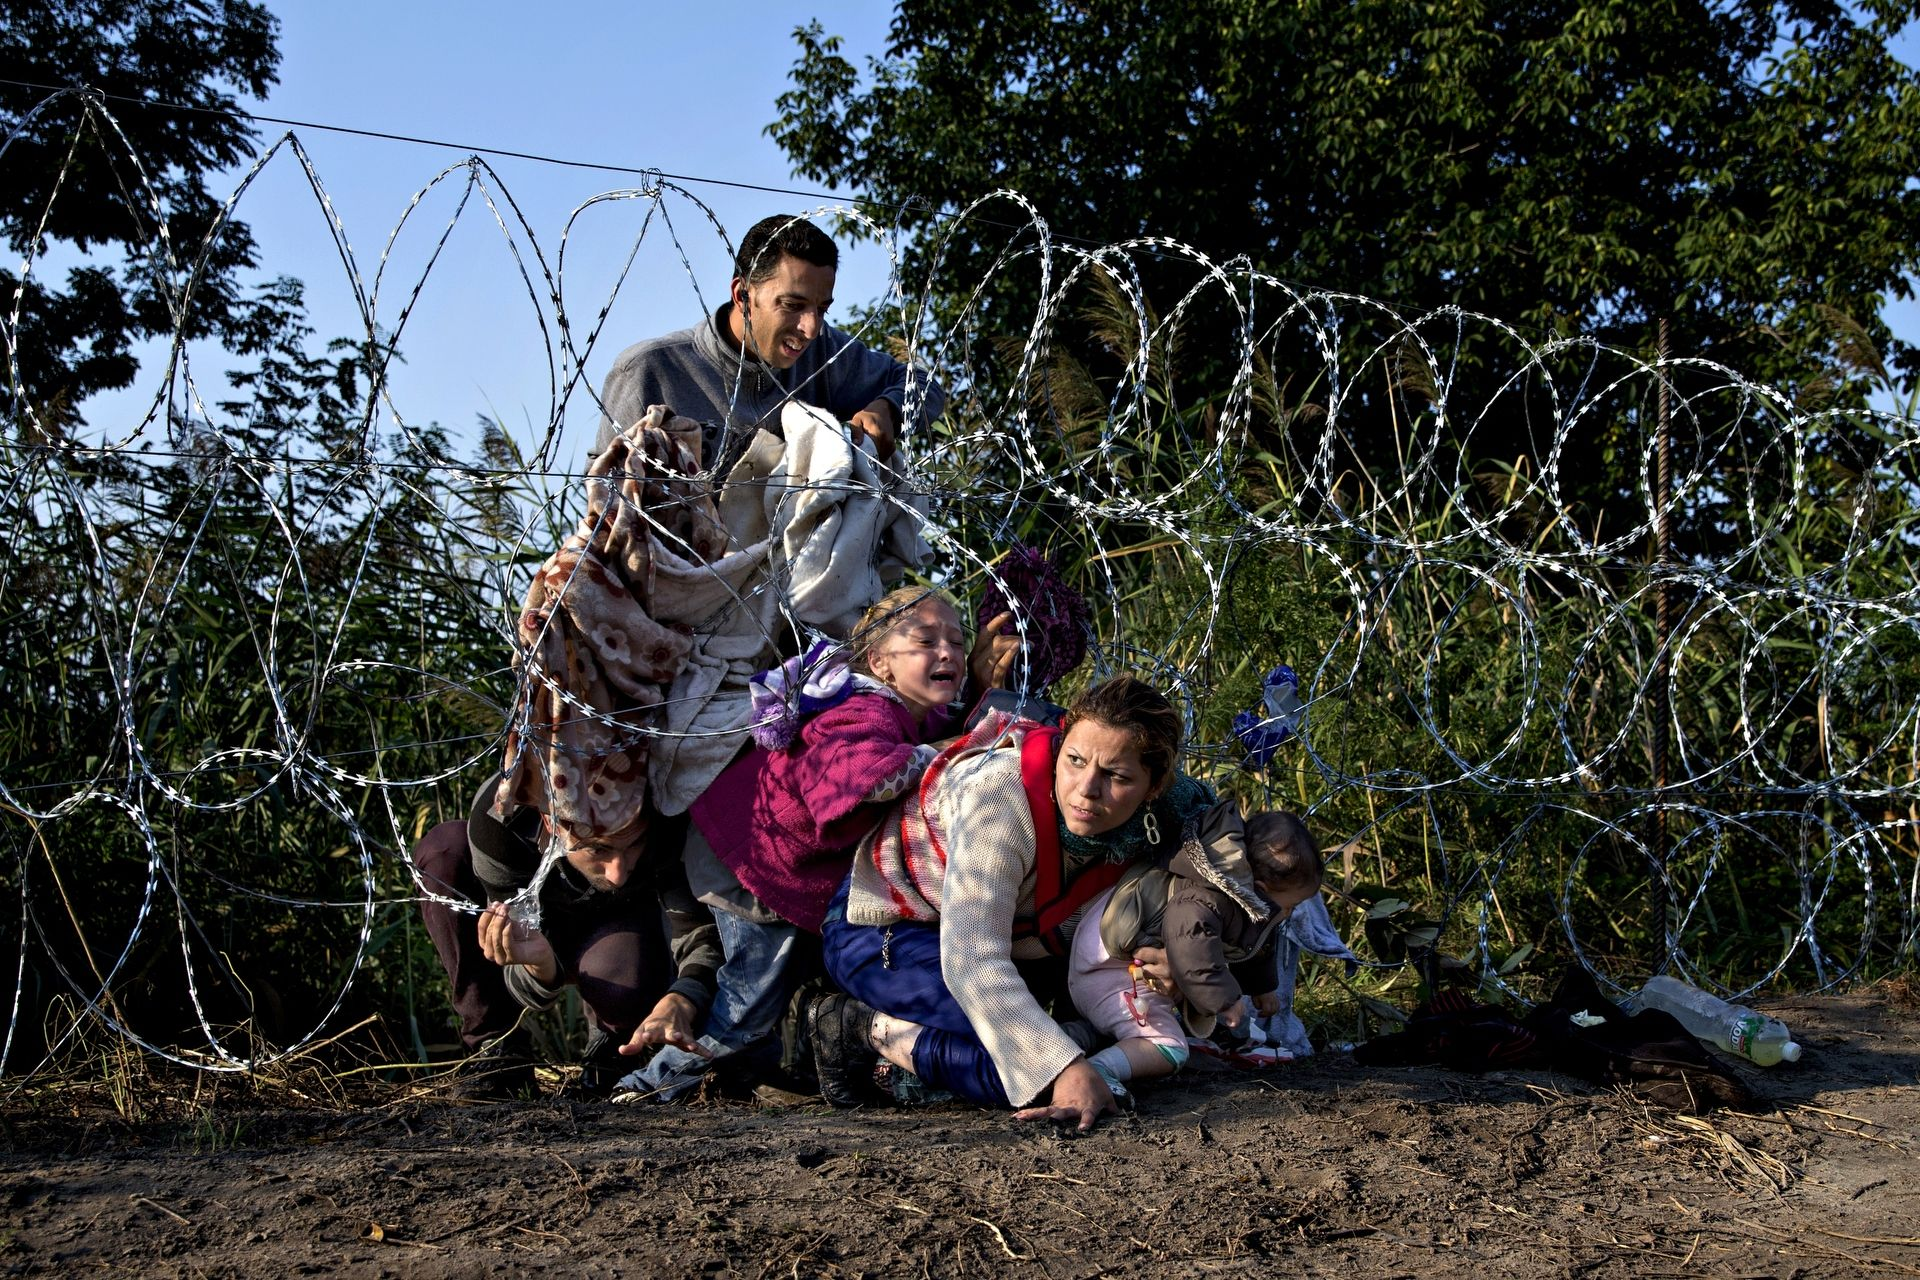 Refugee stream - 7